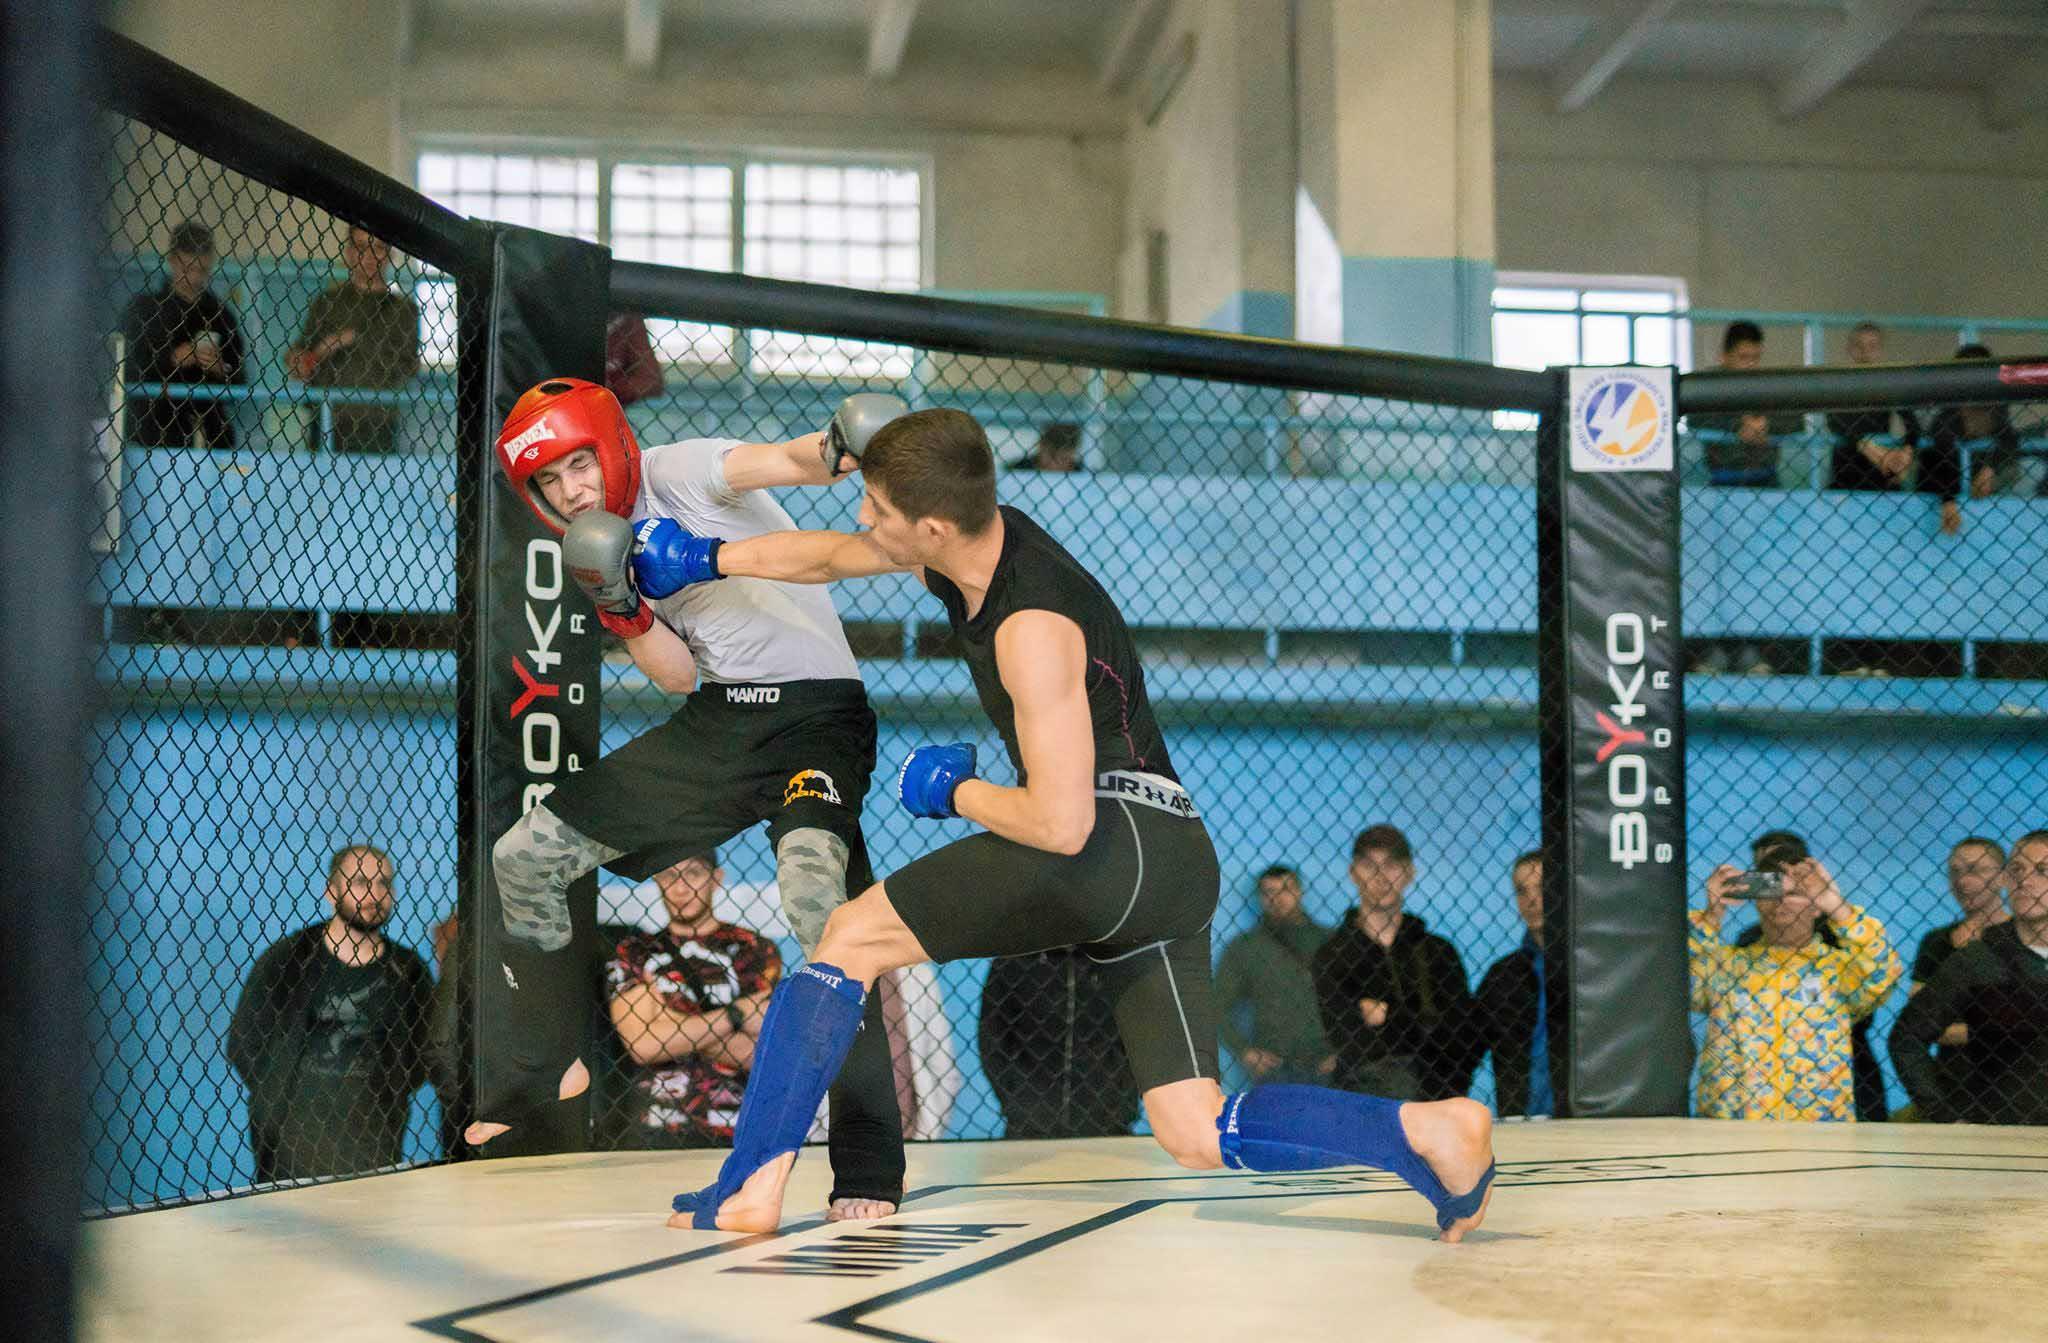 Більше сотні бійців змагалися на Кубку міста зі змішаних єдиноборств (фоторепортаж)